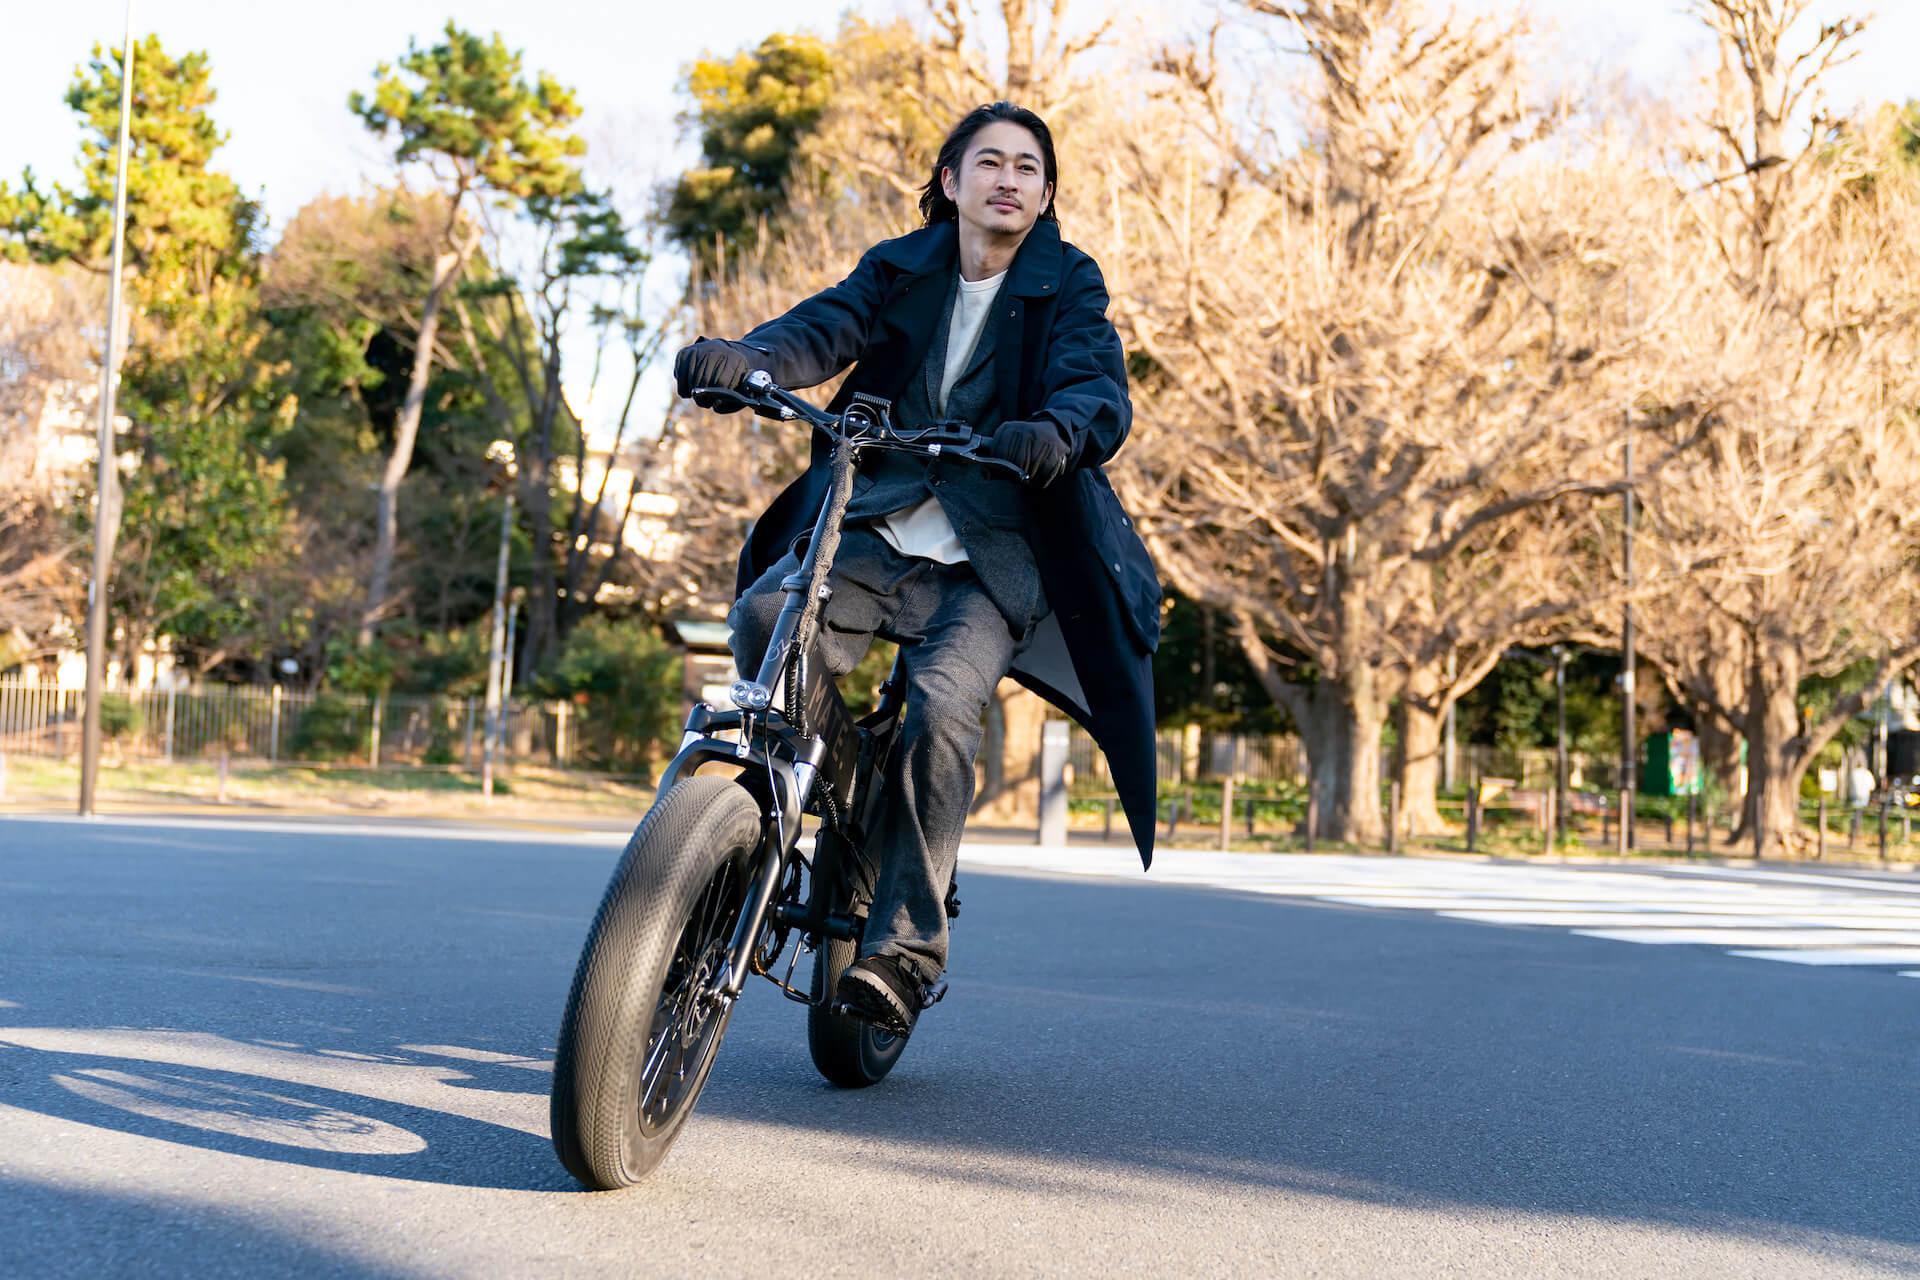 電動自転車ブランド「MATE. BIKE」世界初の旗艦店が恵比寿にオープン!窪塚洋介がジャパンアンバサダーに就任 tech210331_mate_bike_3